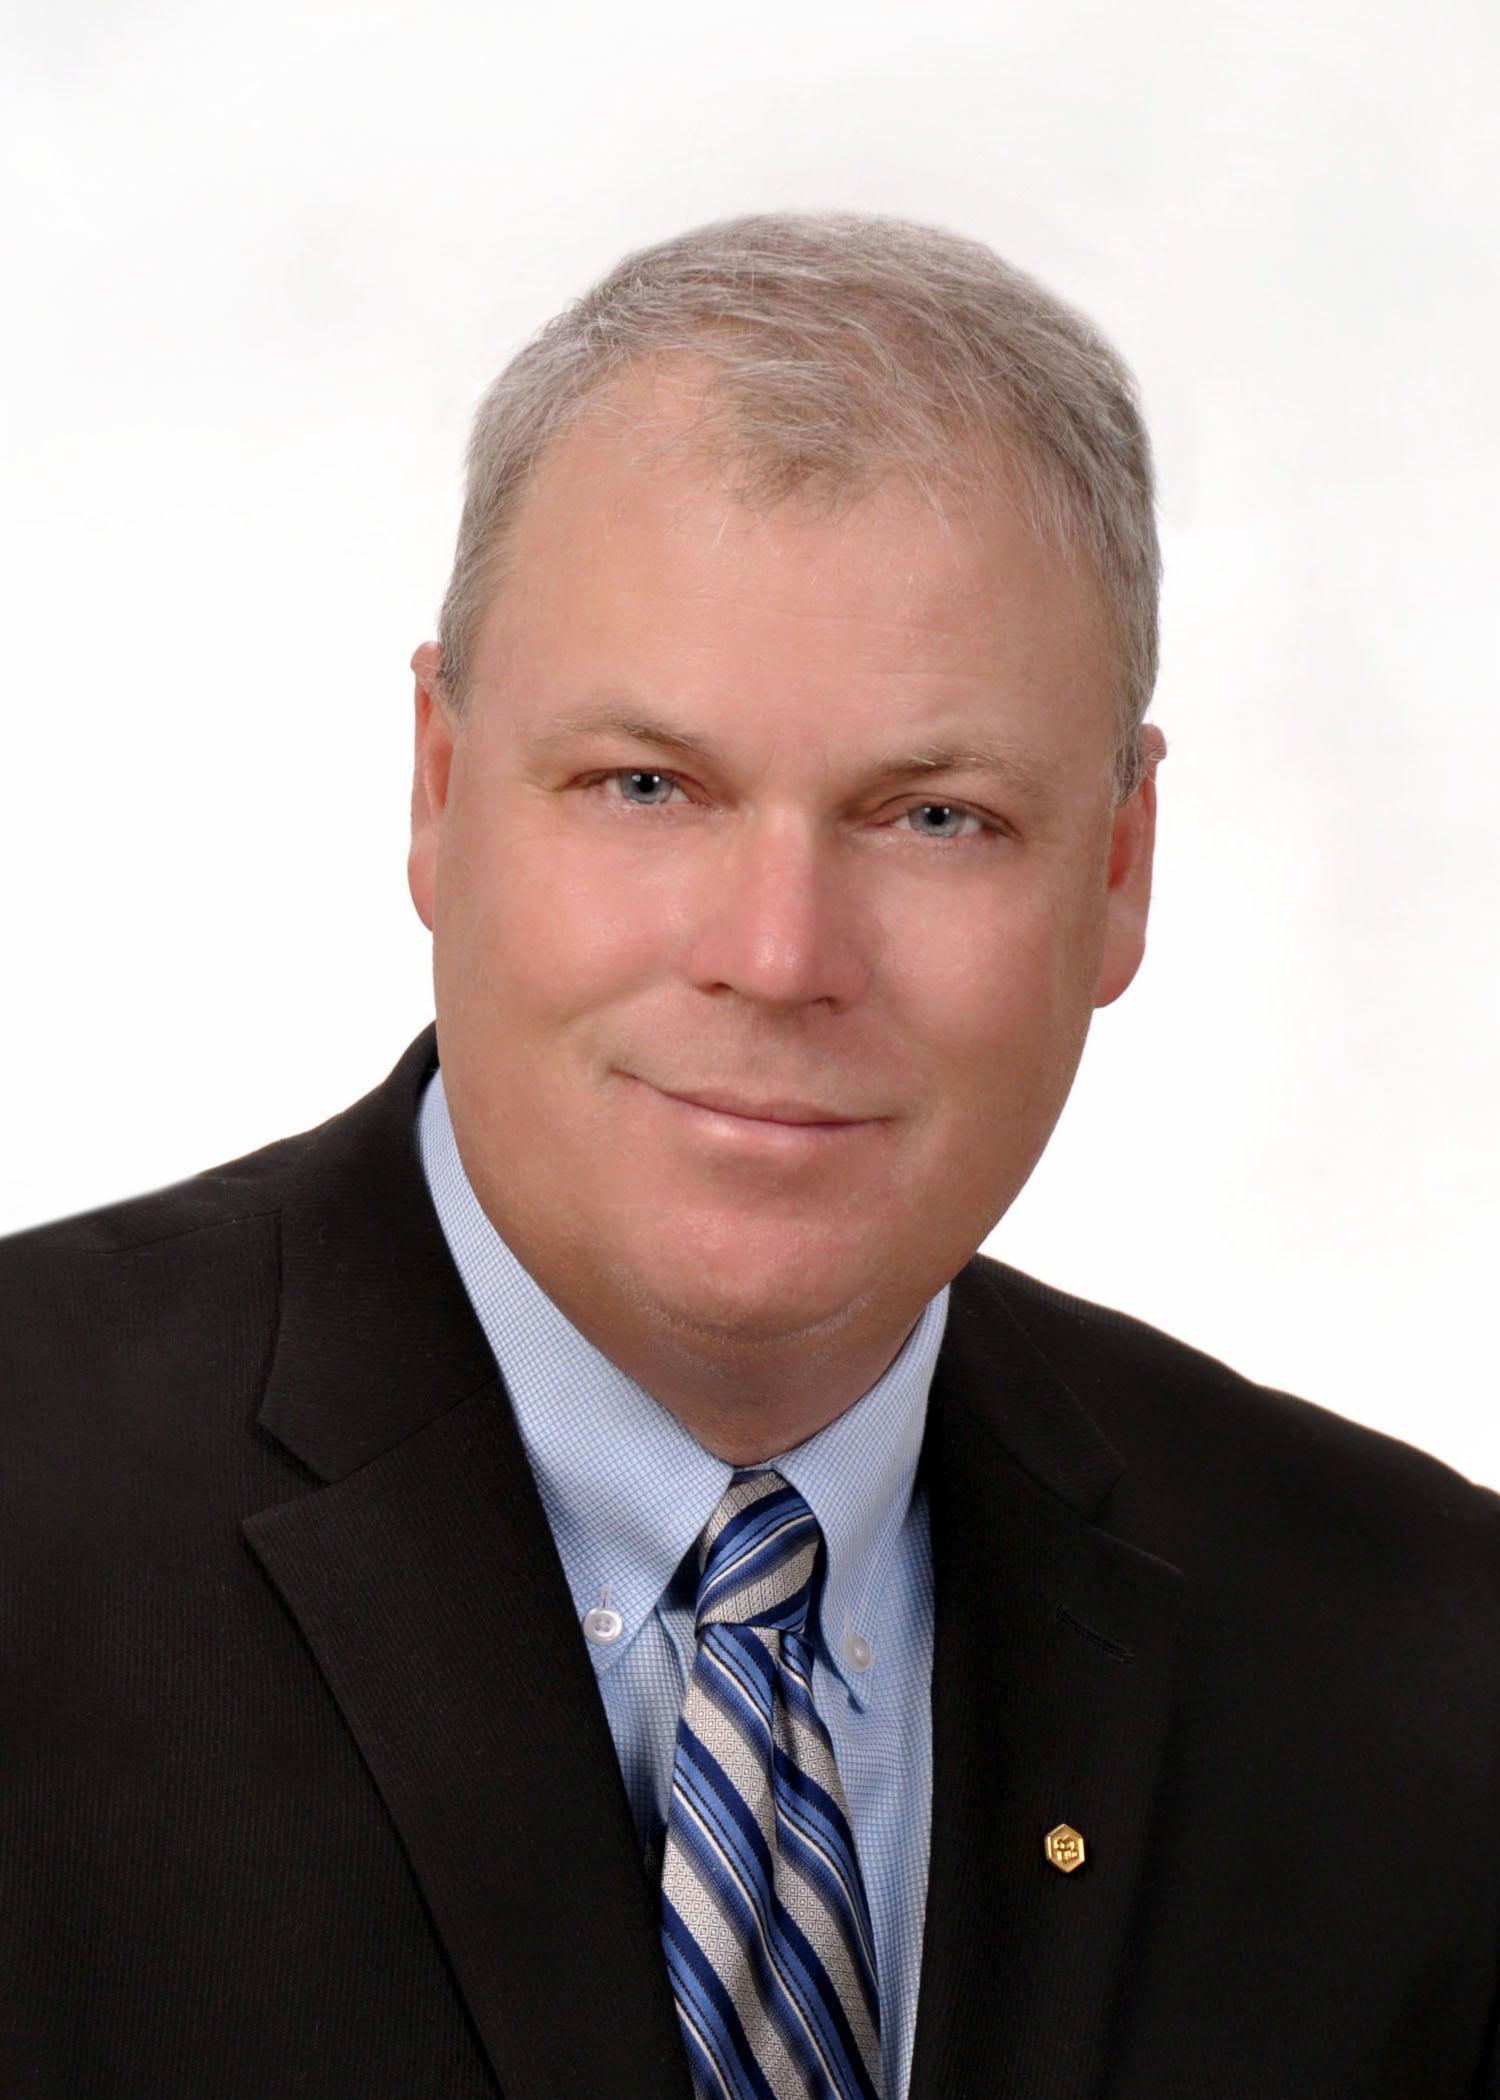 Paul Pelland